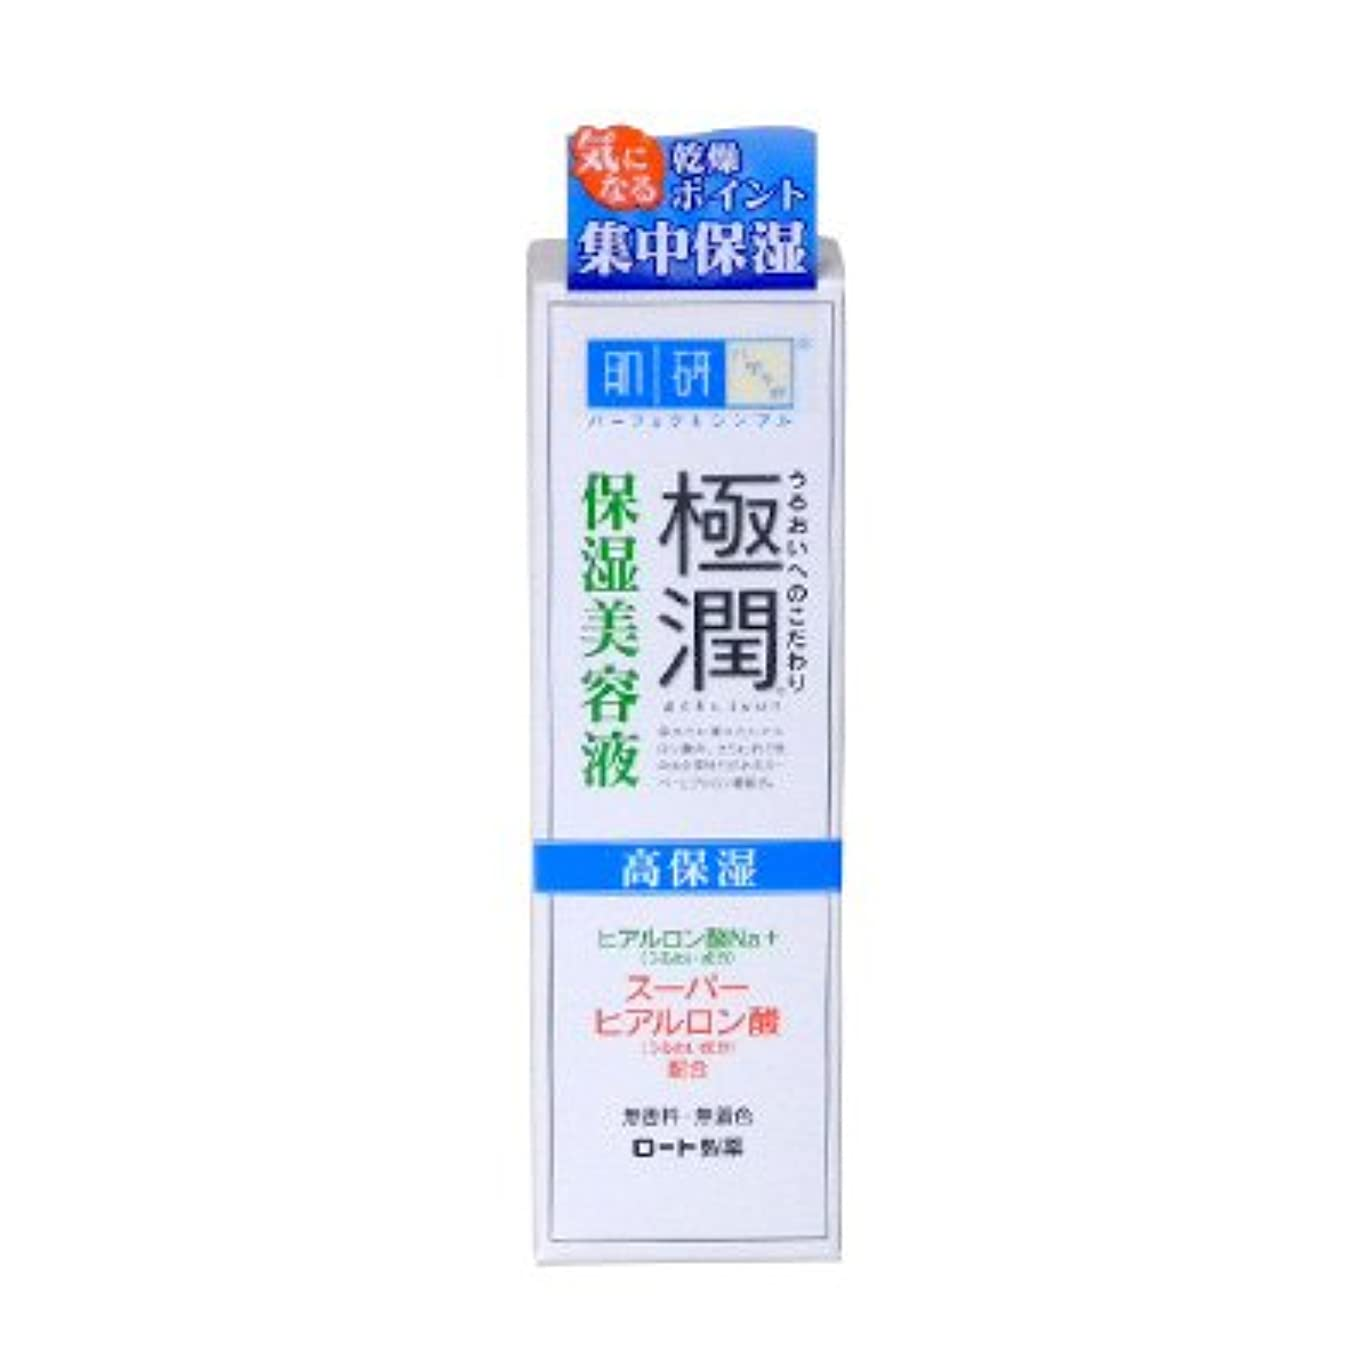 マーキークリケット活力ロート製薬 ハダラボ 極潤 保湿美容液 30g